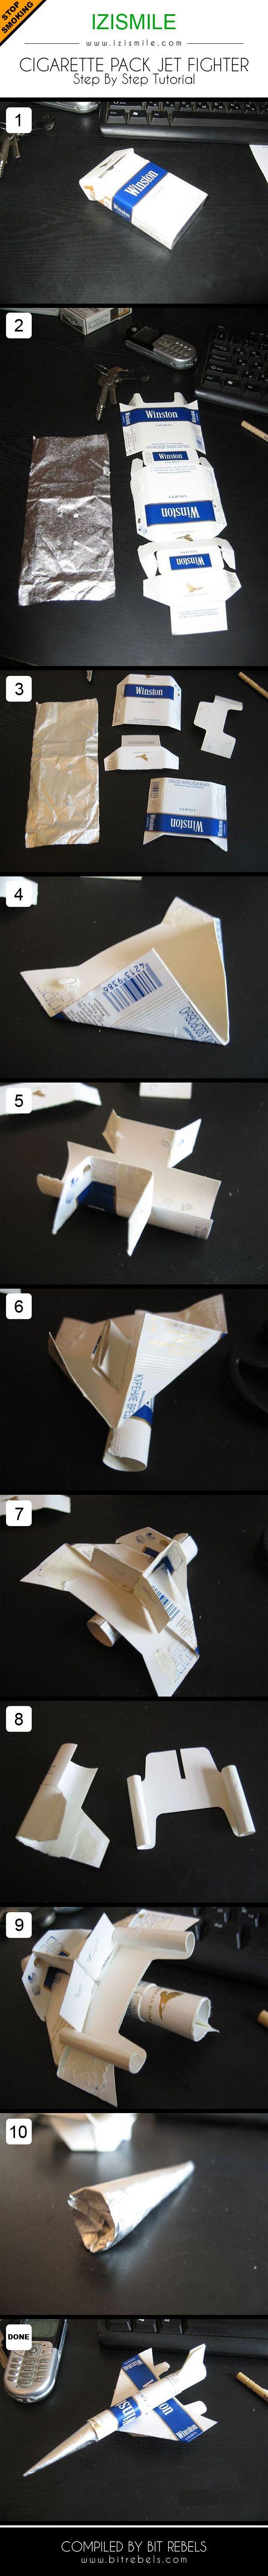 caja de cigarros avion